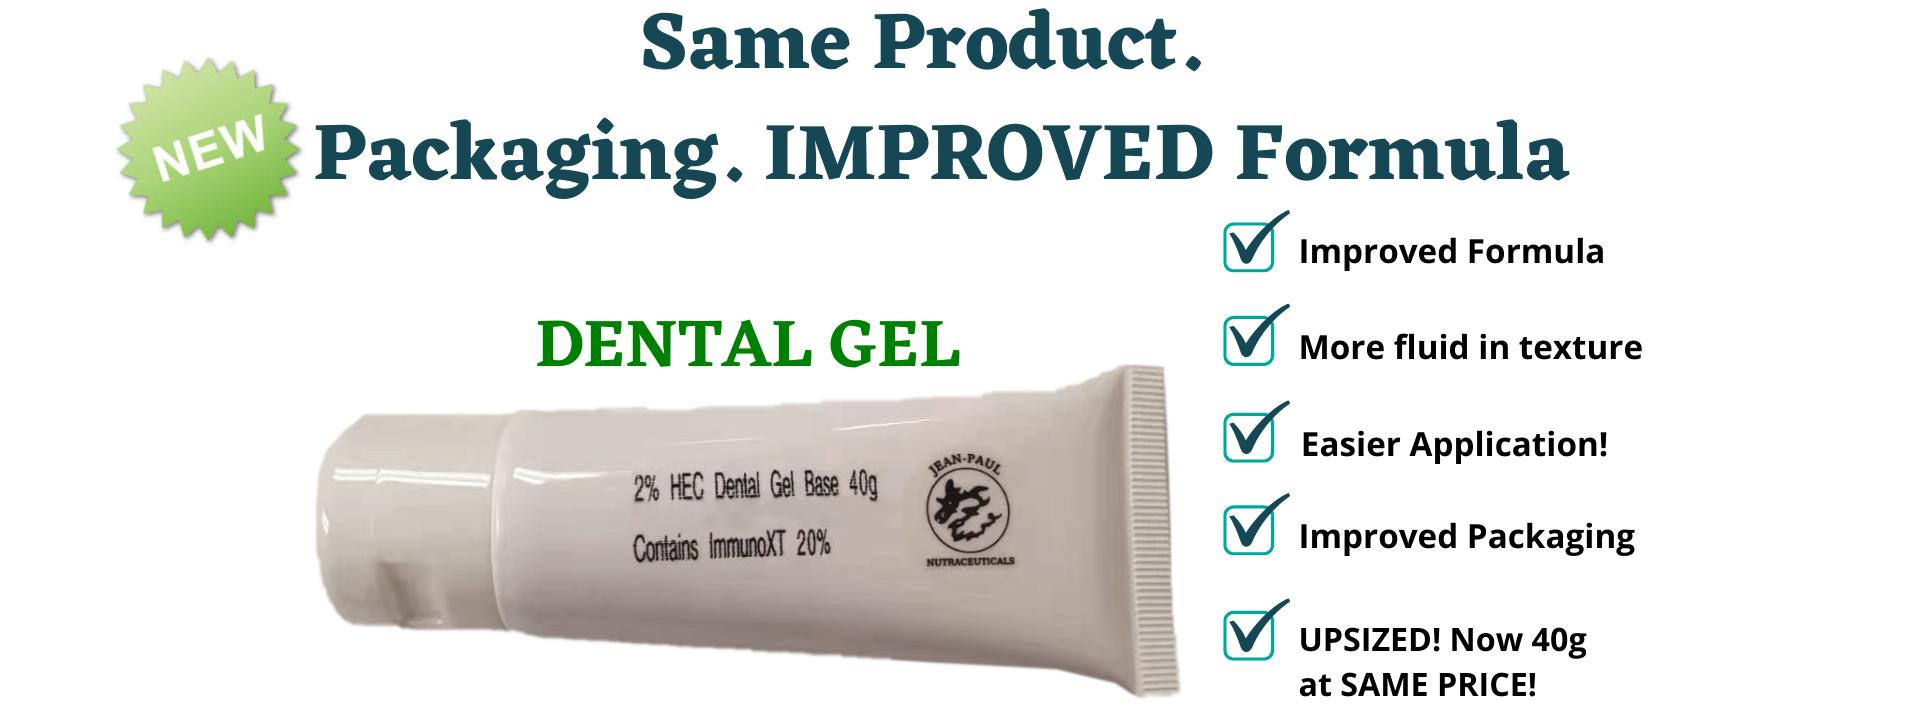 Dental-Gel-in-Tube---long-banner